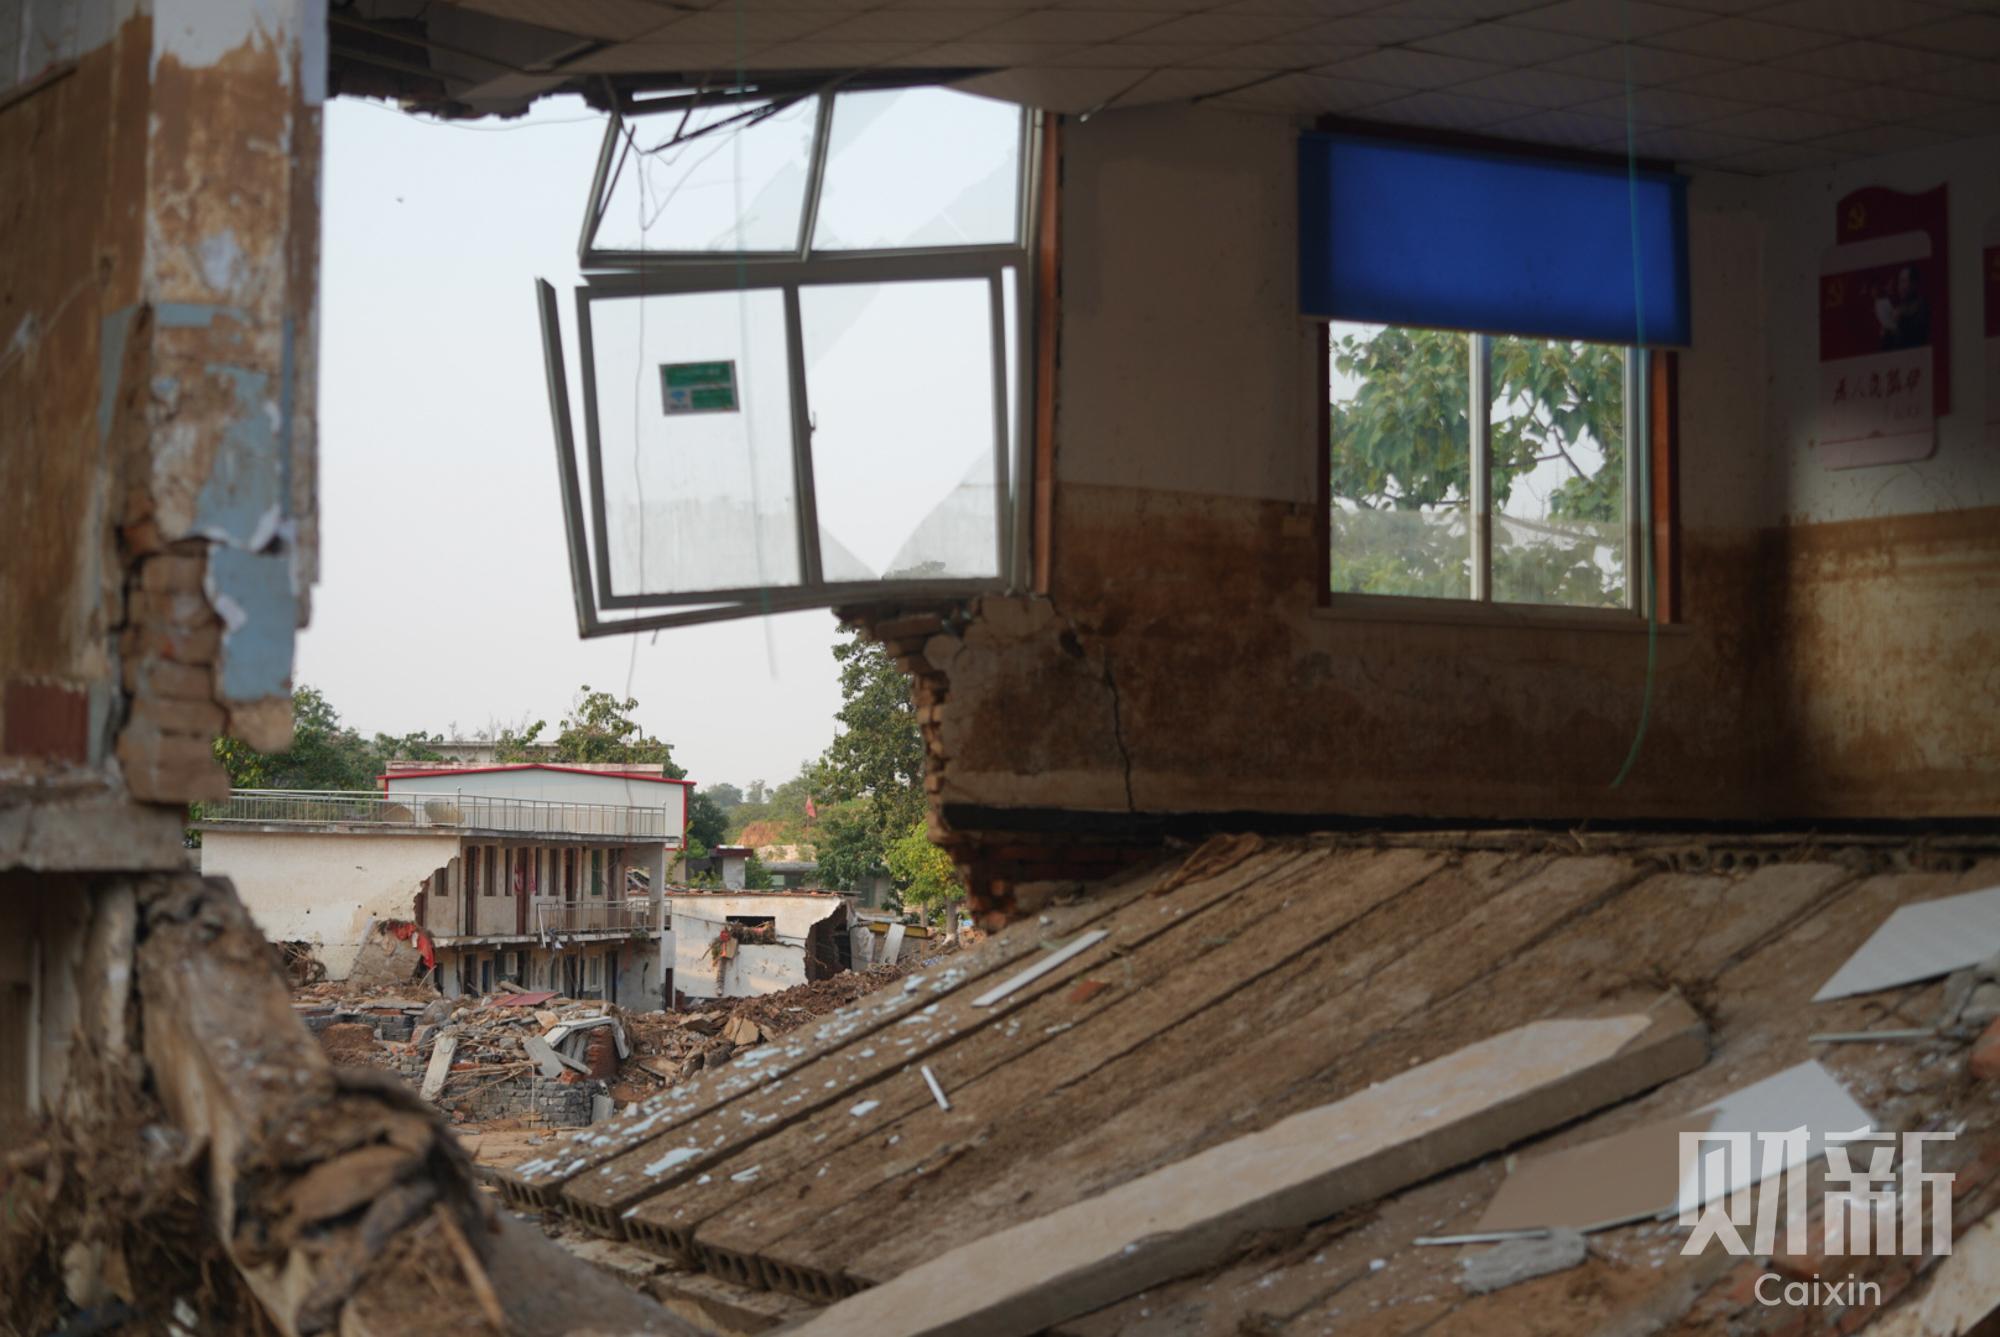 河南暴雨增26名遇难者 多位失联者家属仍在寻亲